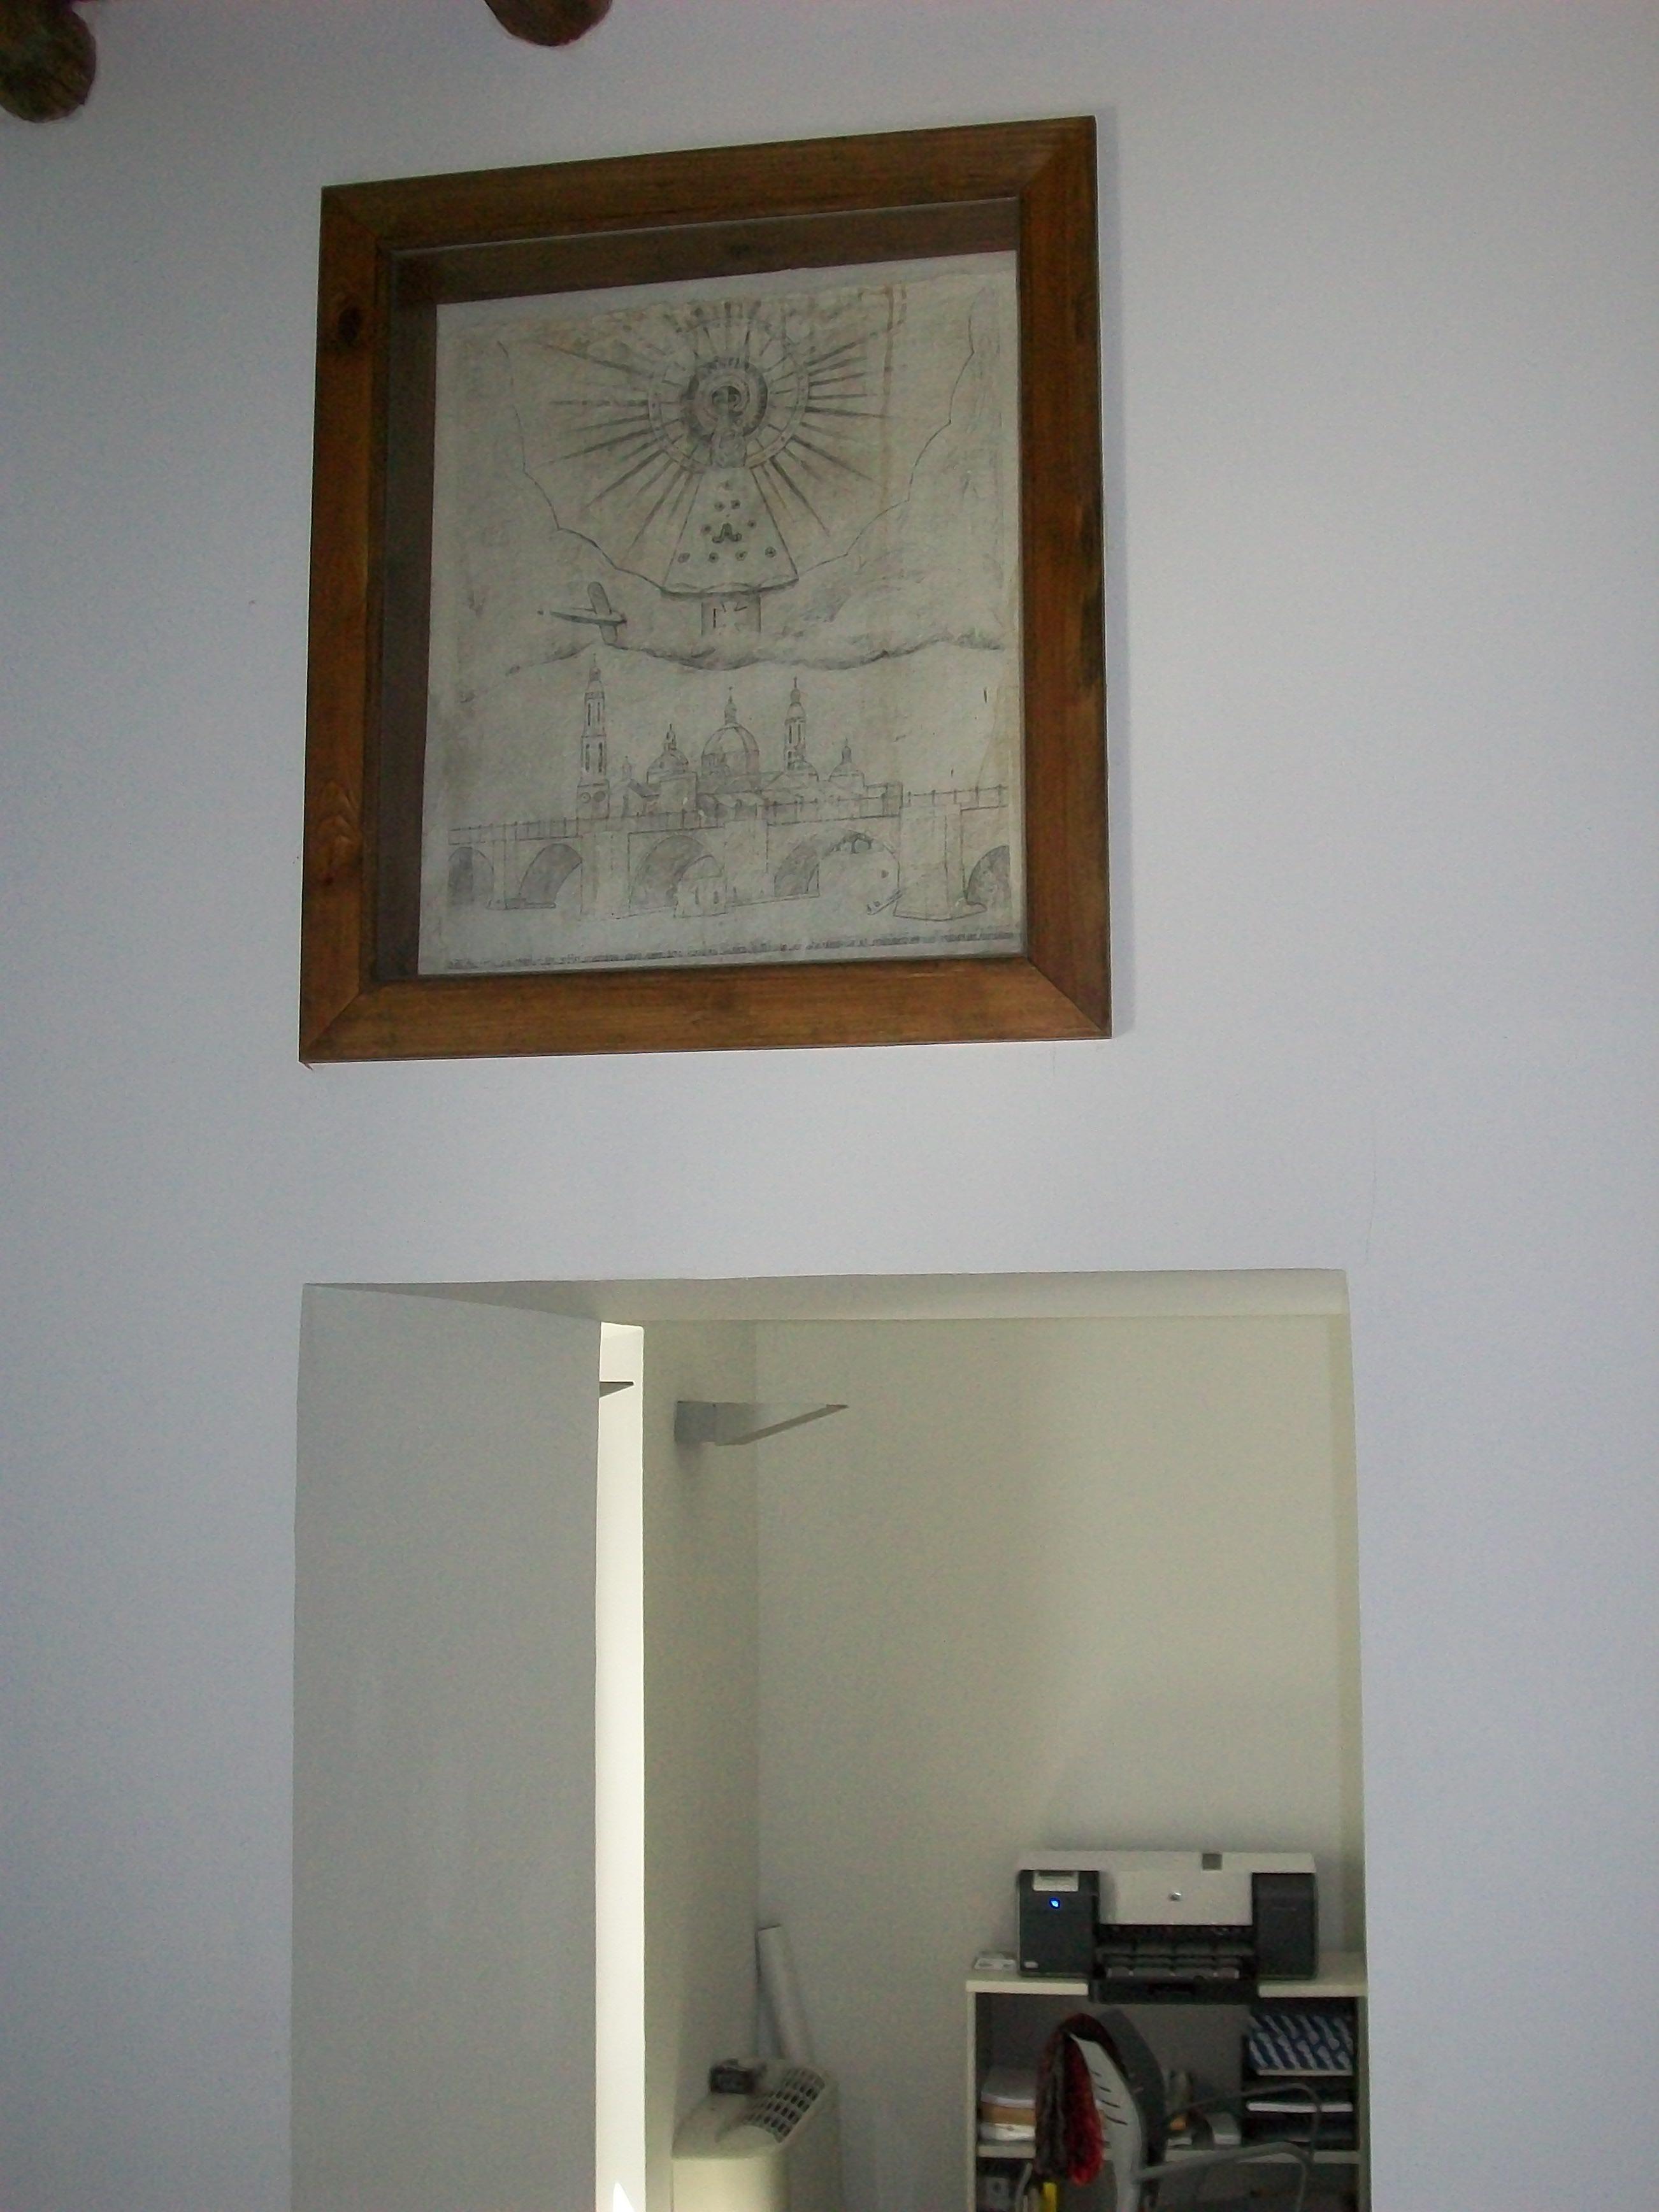 Historia del dibujo de un soldado en la pared